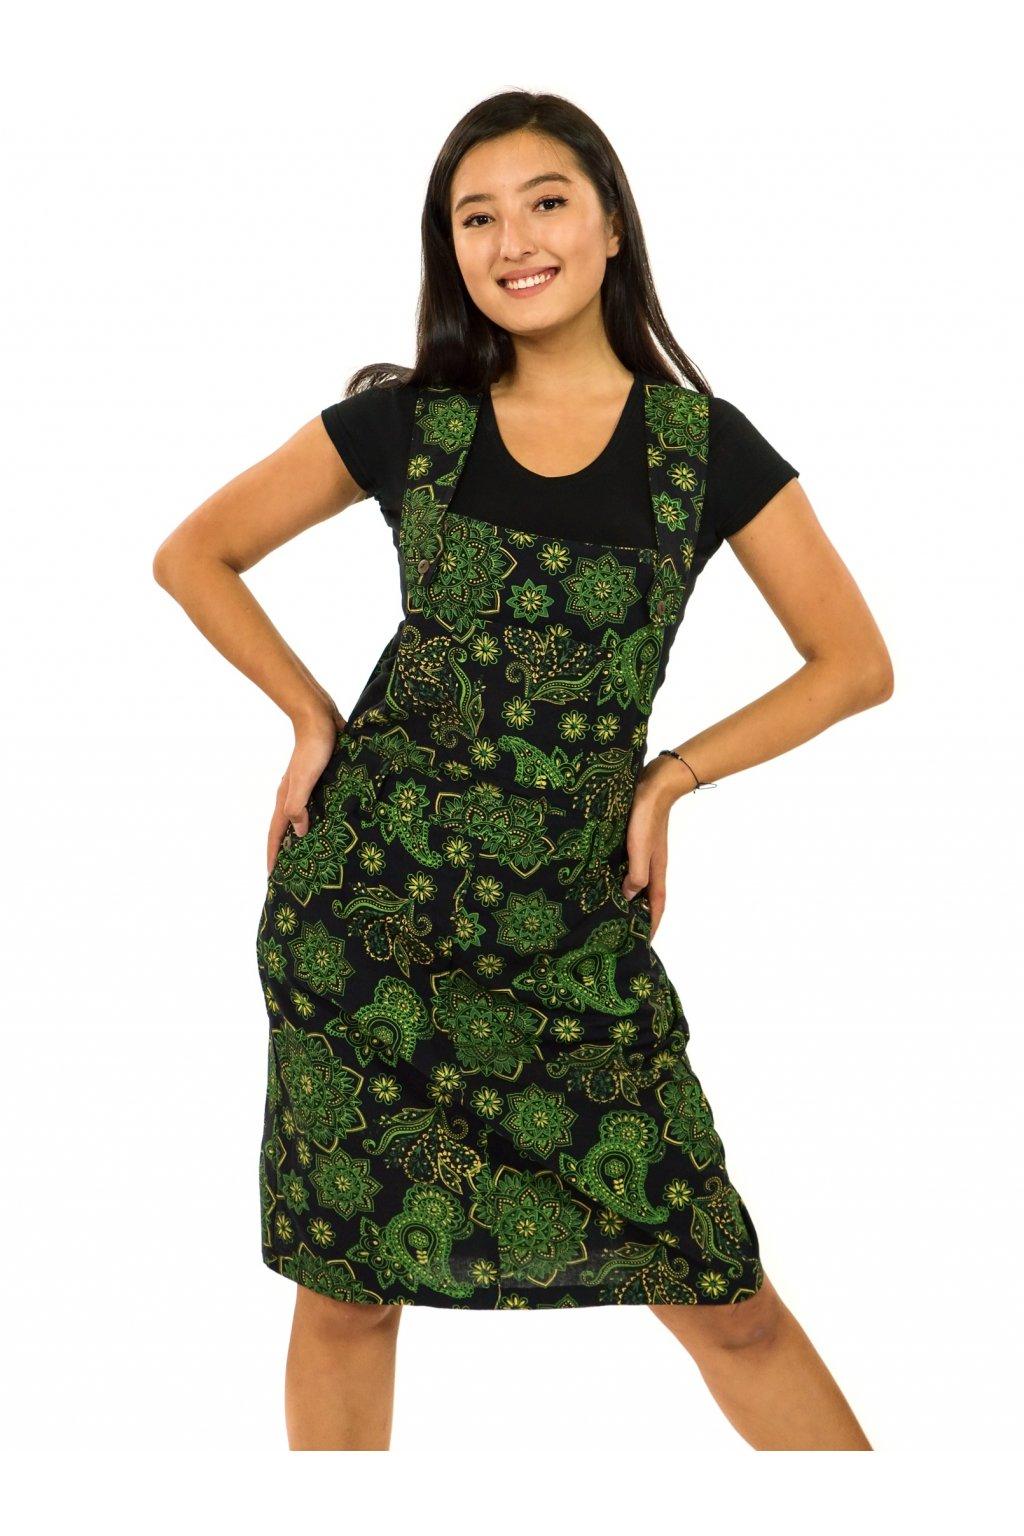 Laclové šaty Pemba - černá se zelenou